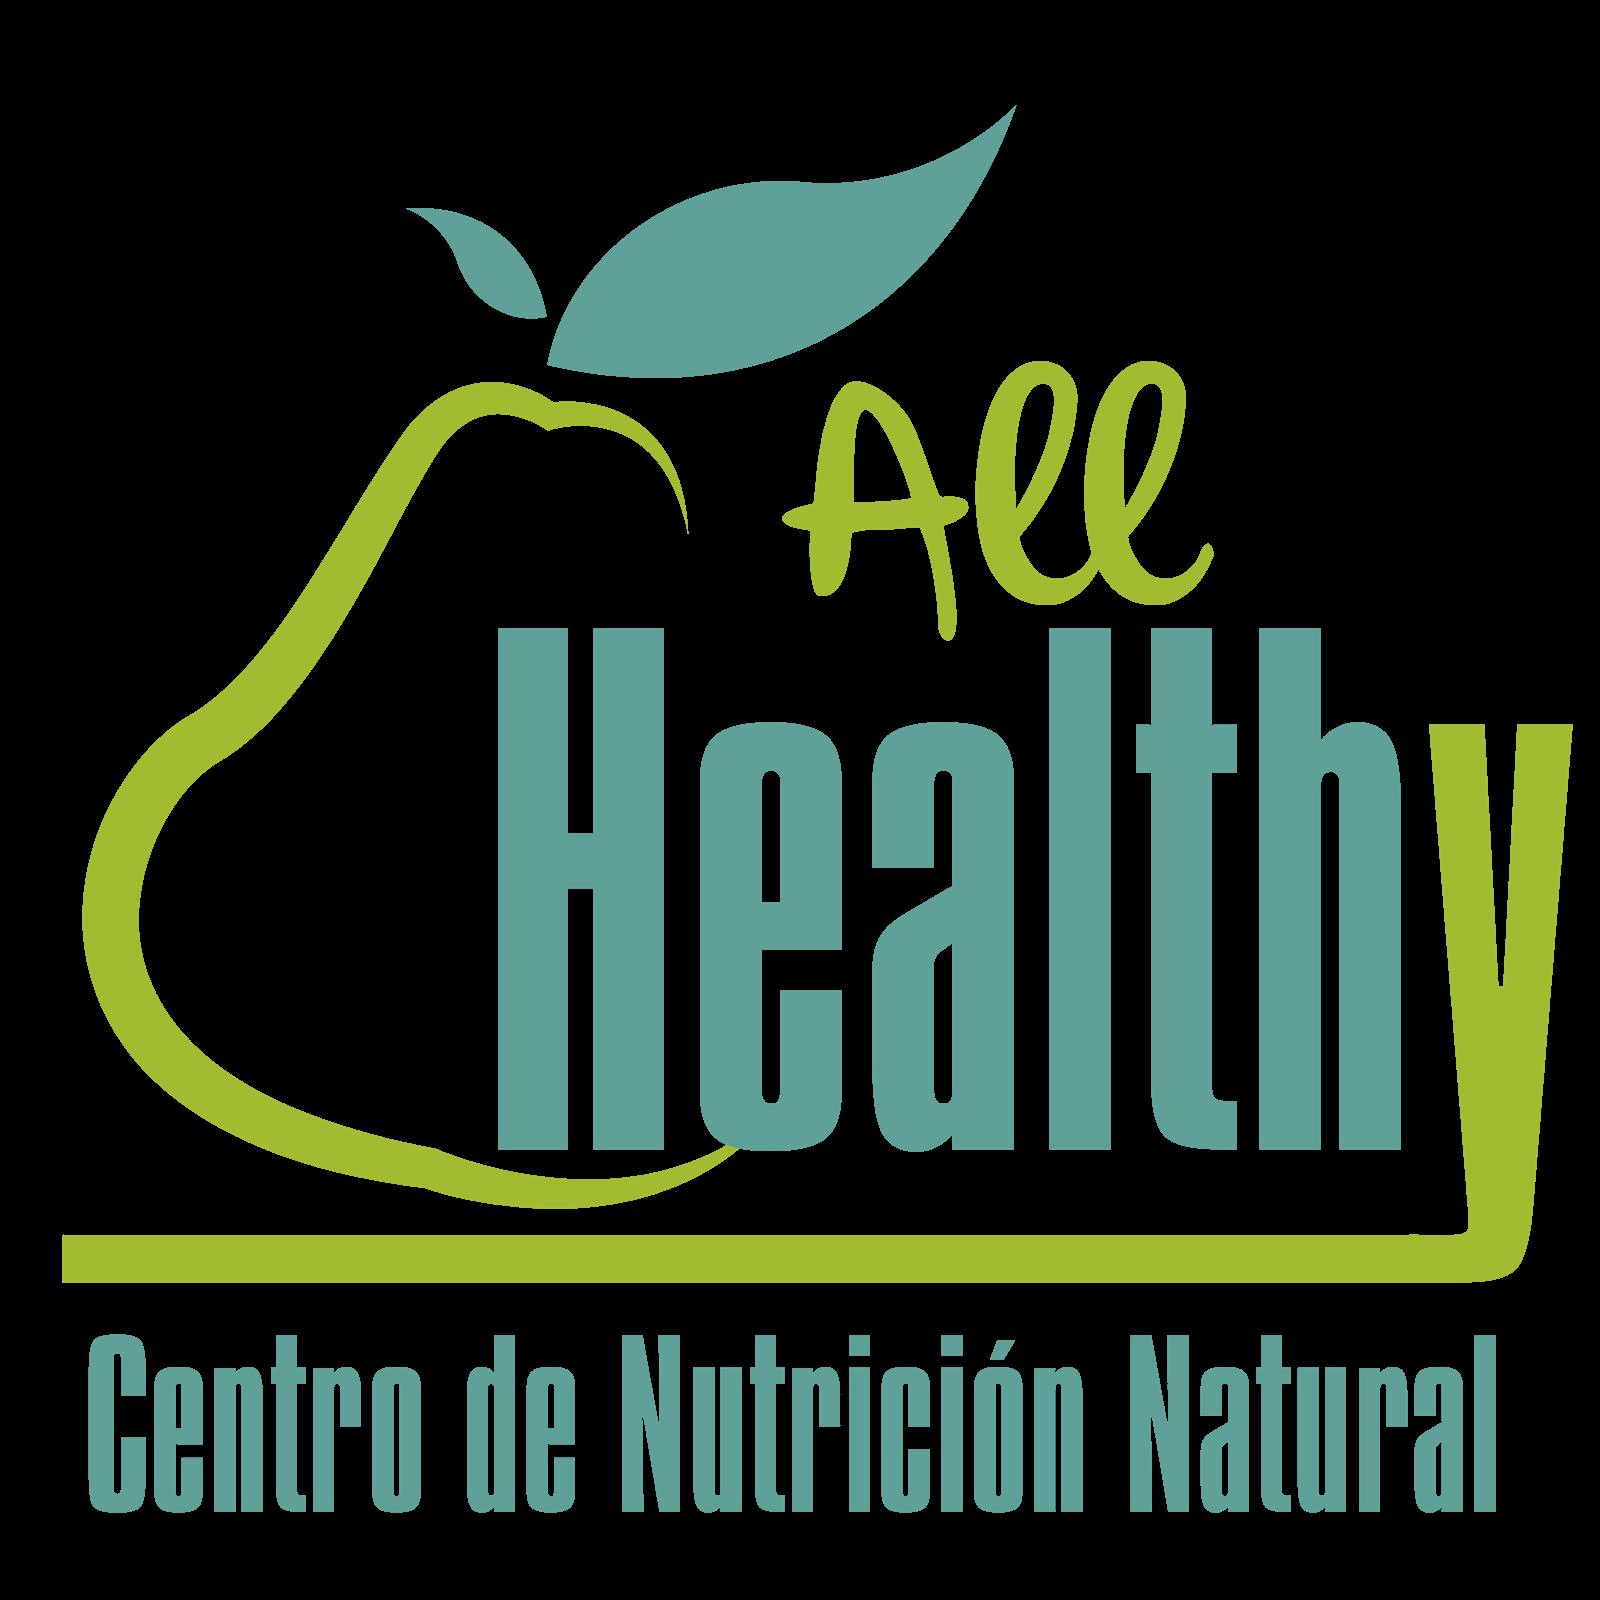 All Healthy - Nutrición